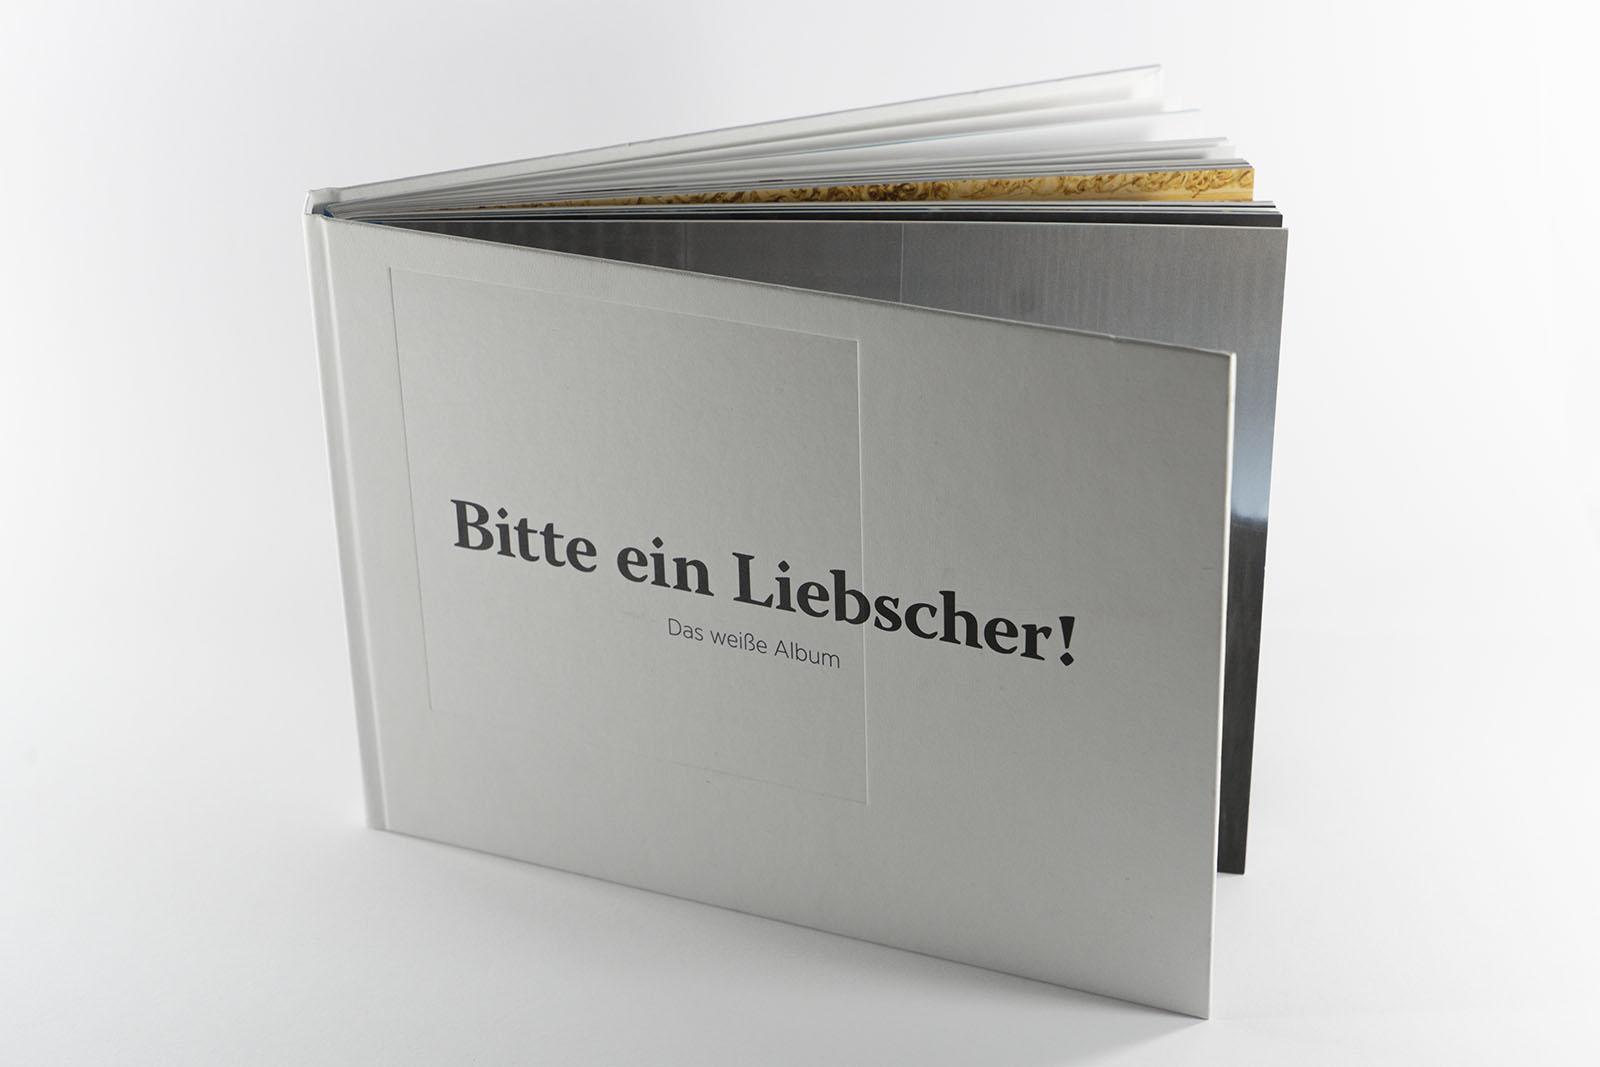 Bitte_ein_Liebscher_001